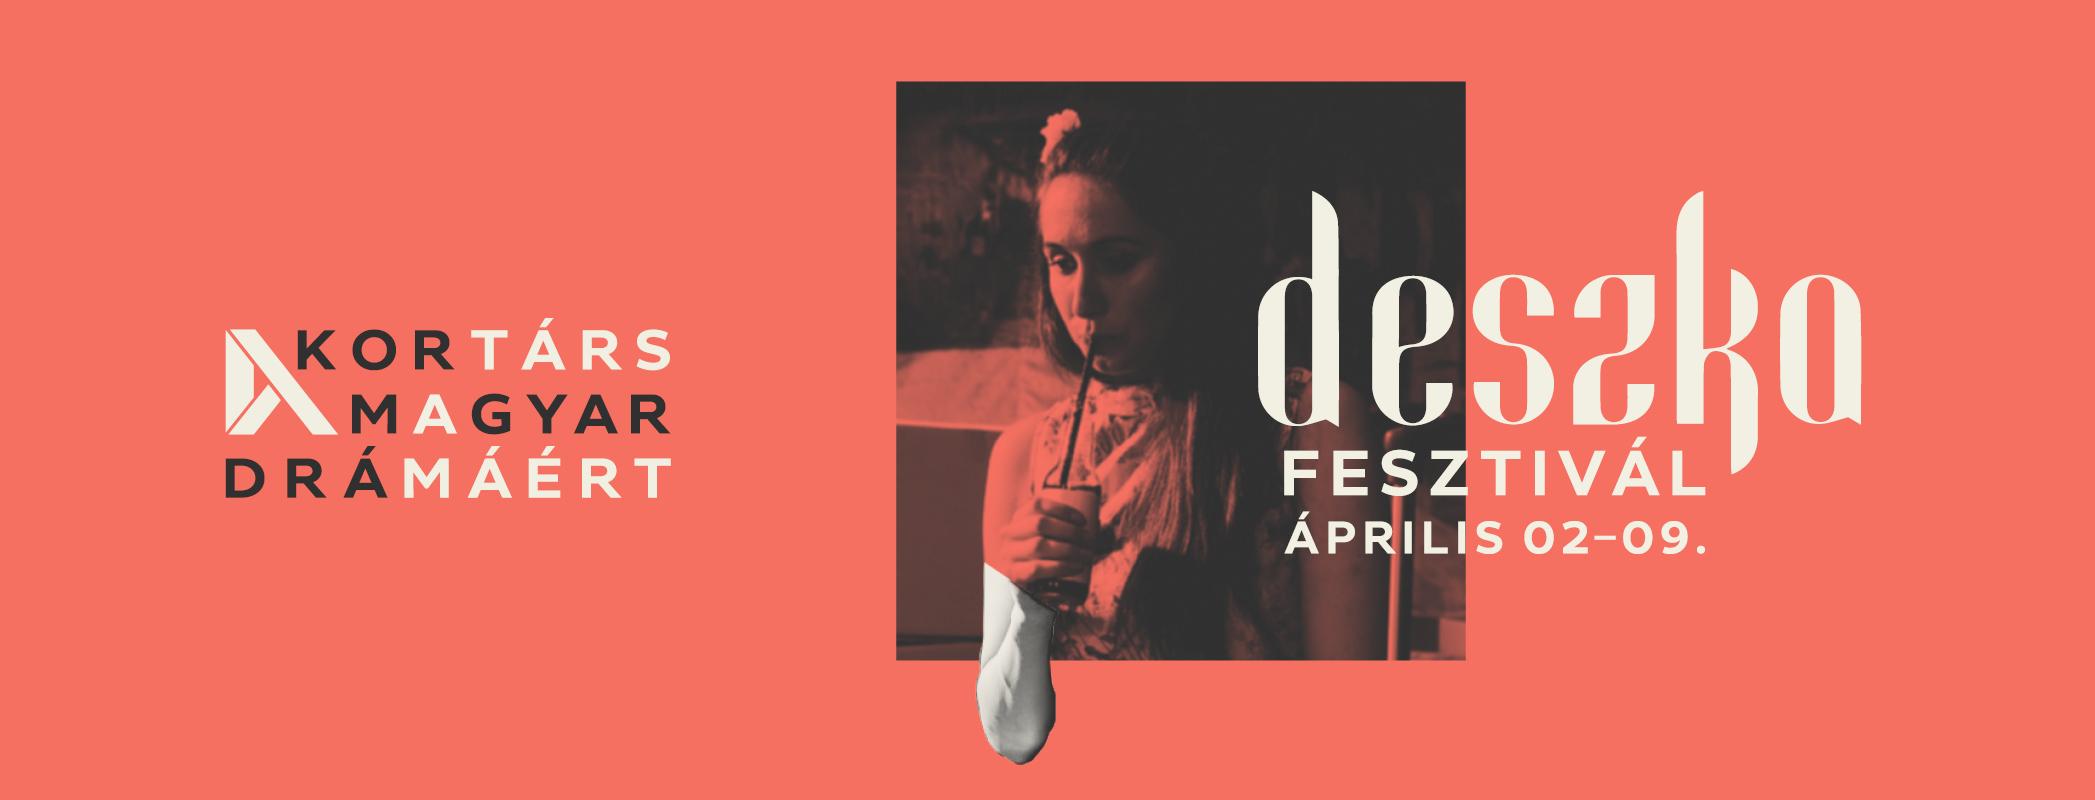 Idén is lesz Deszka Fesztivál Debrecenben